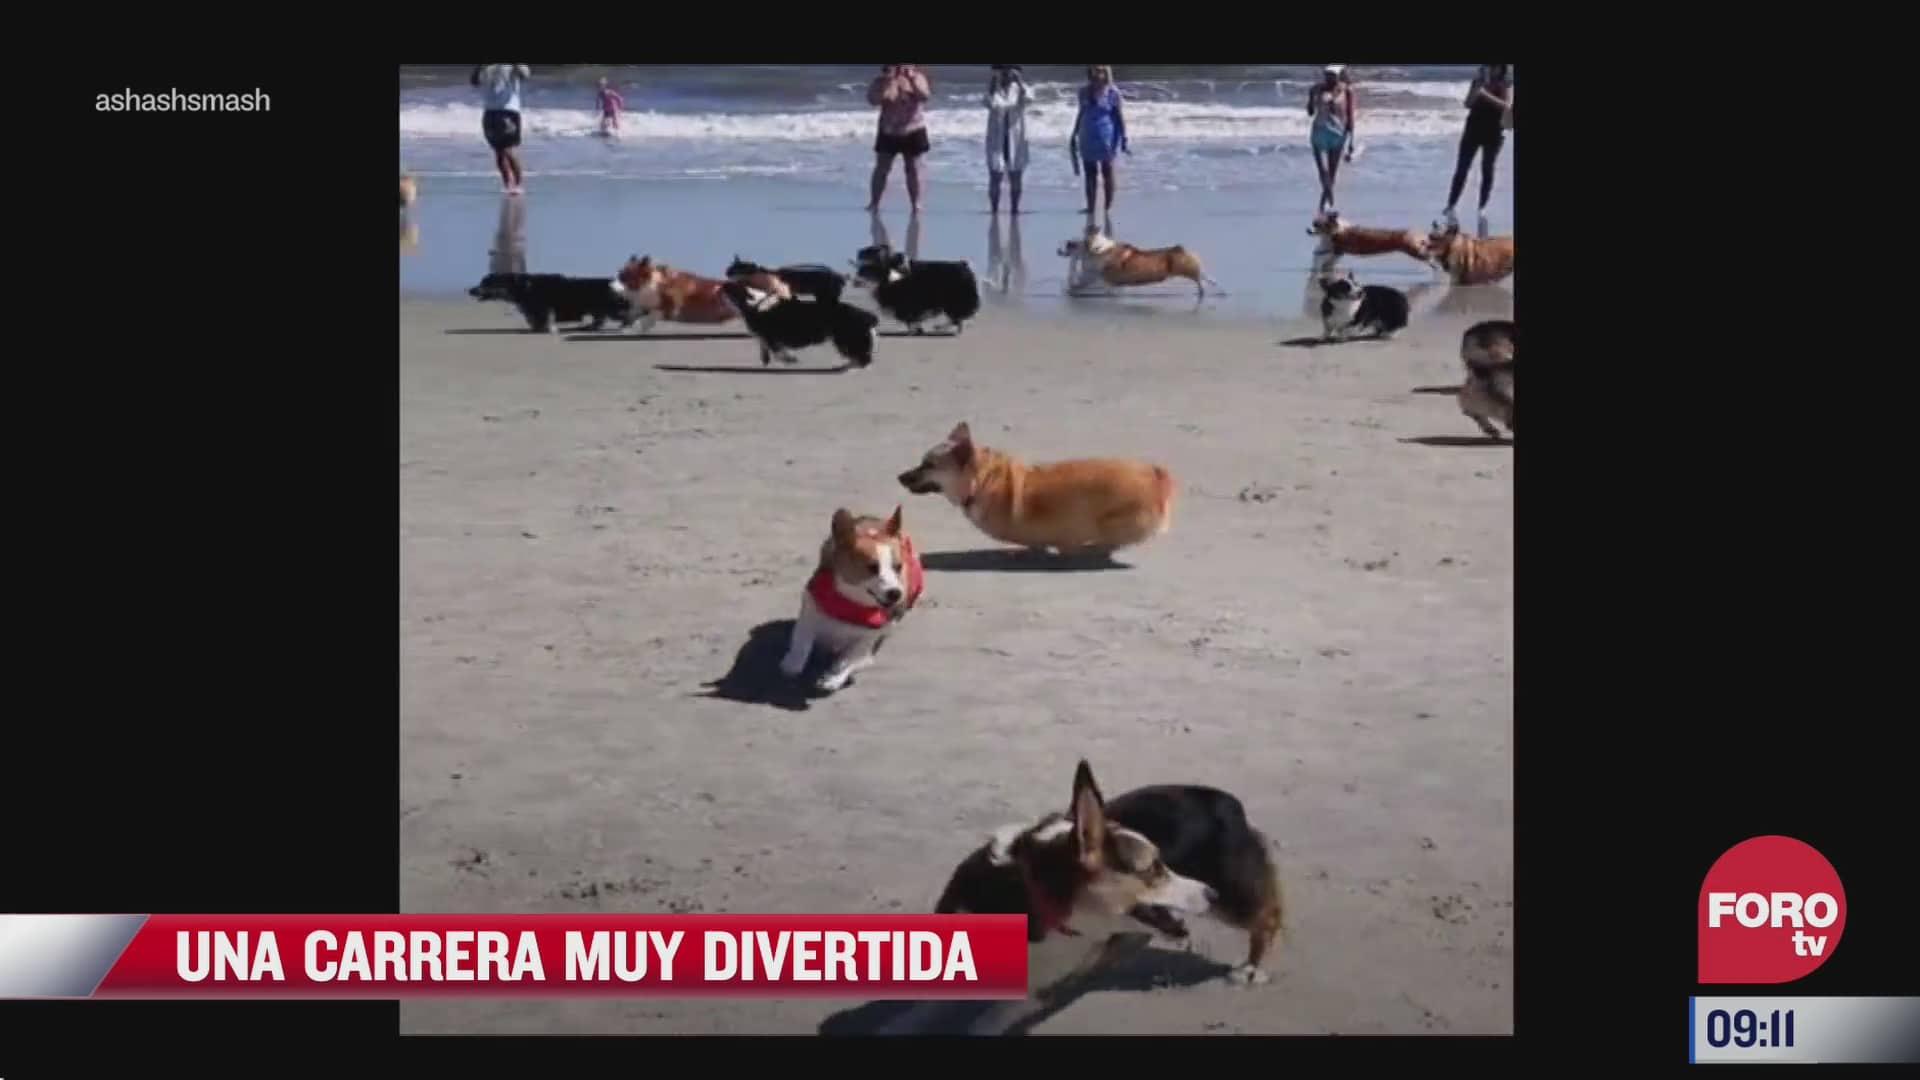 carrera de perros en la playa